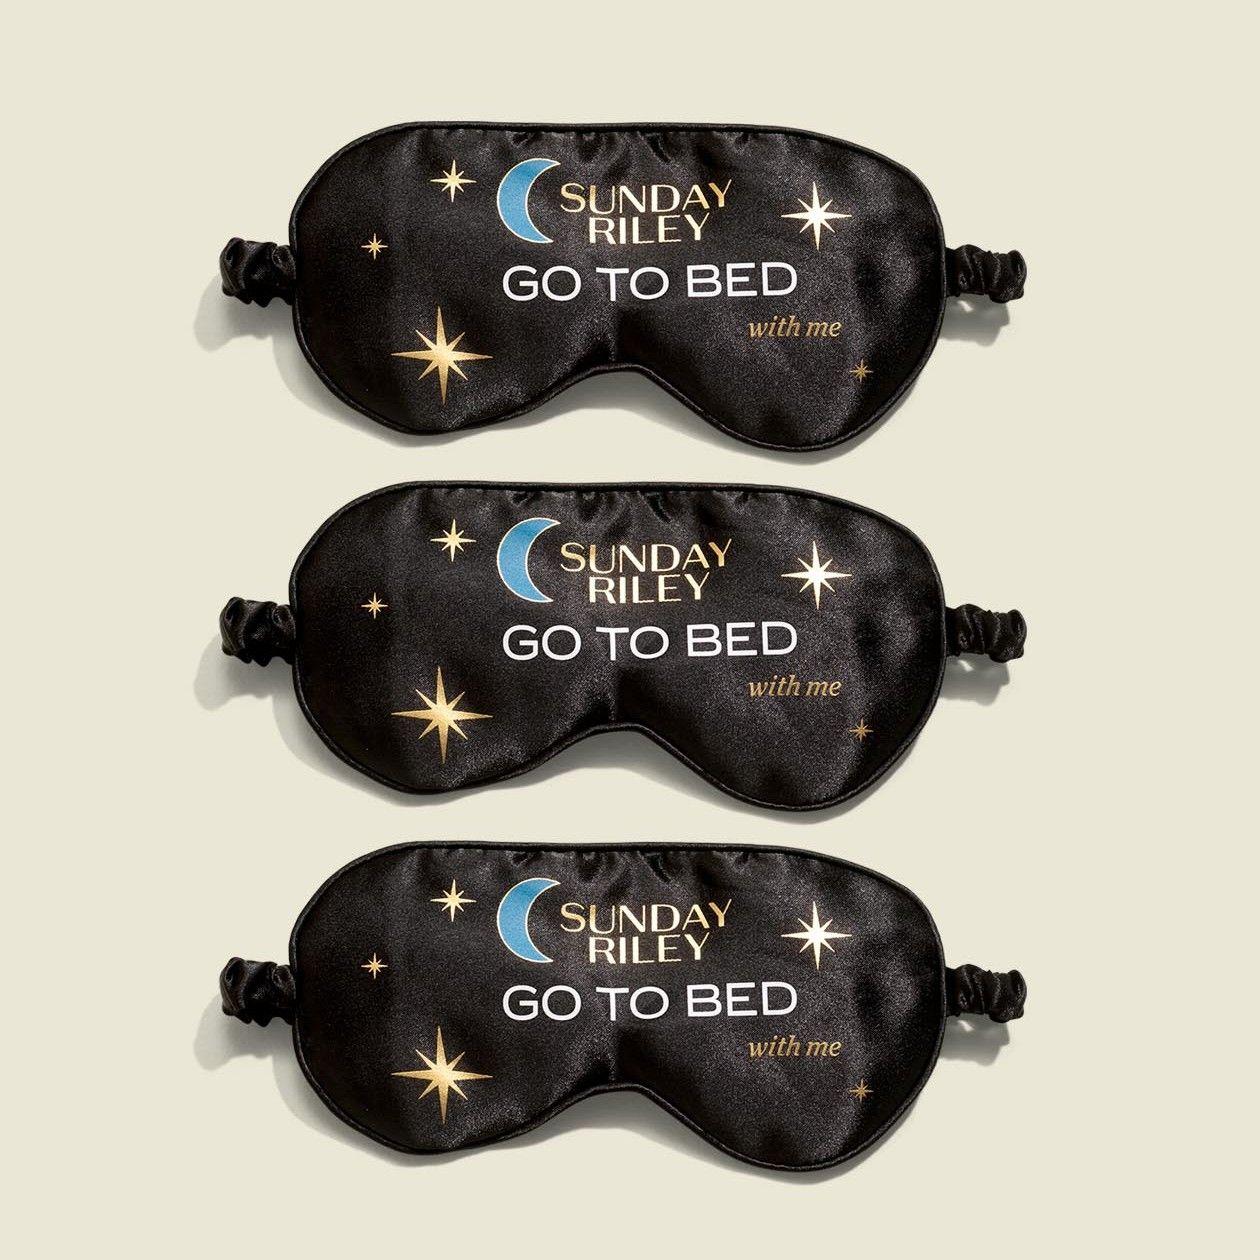 Set of sleep masks